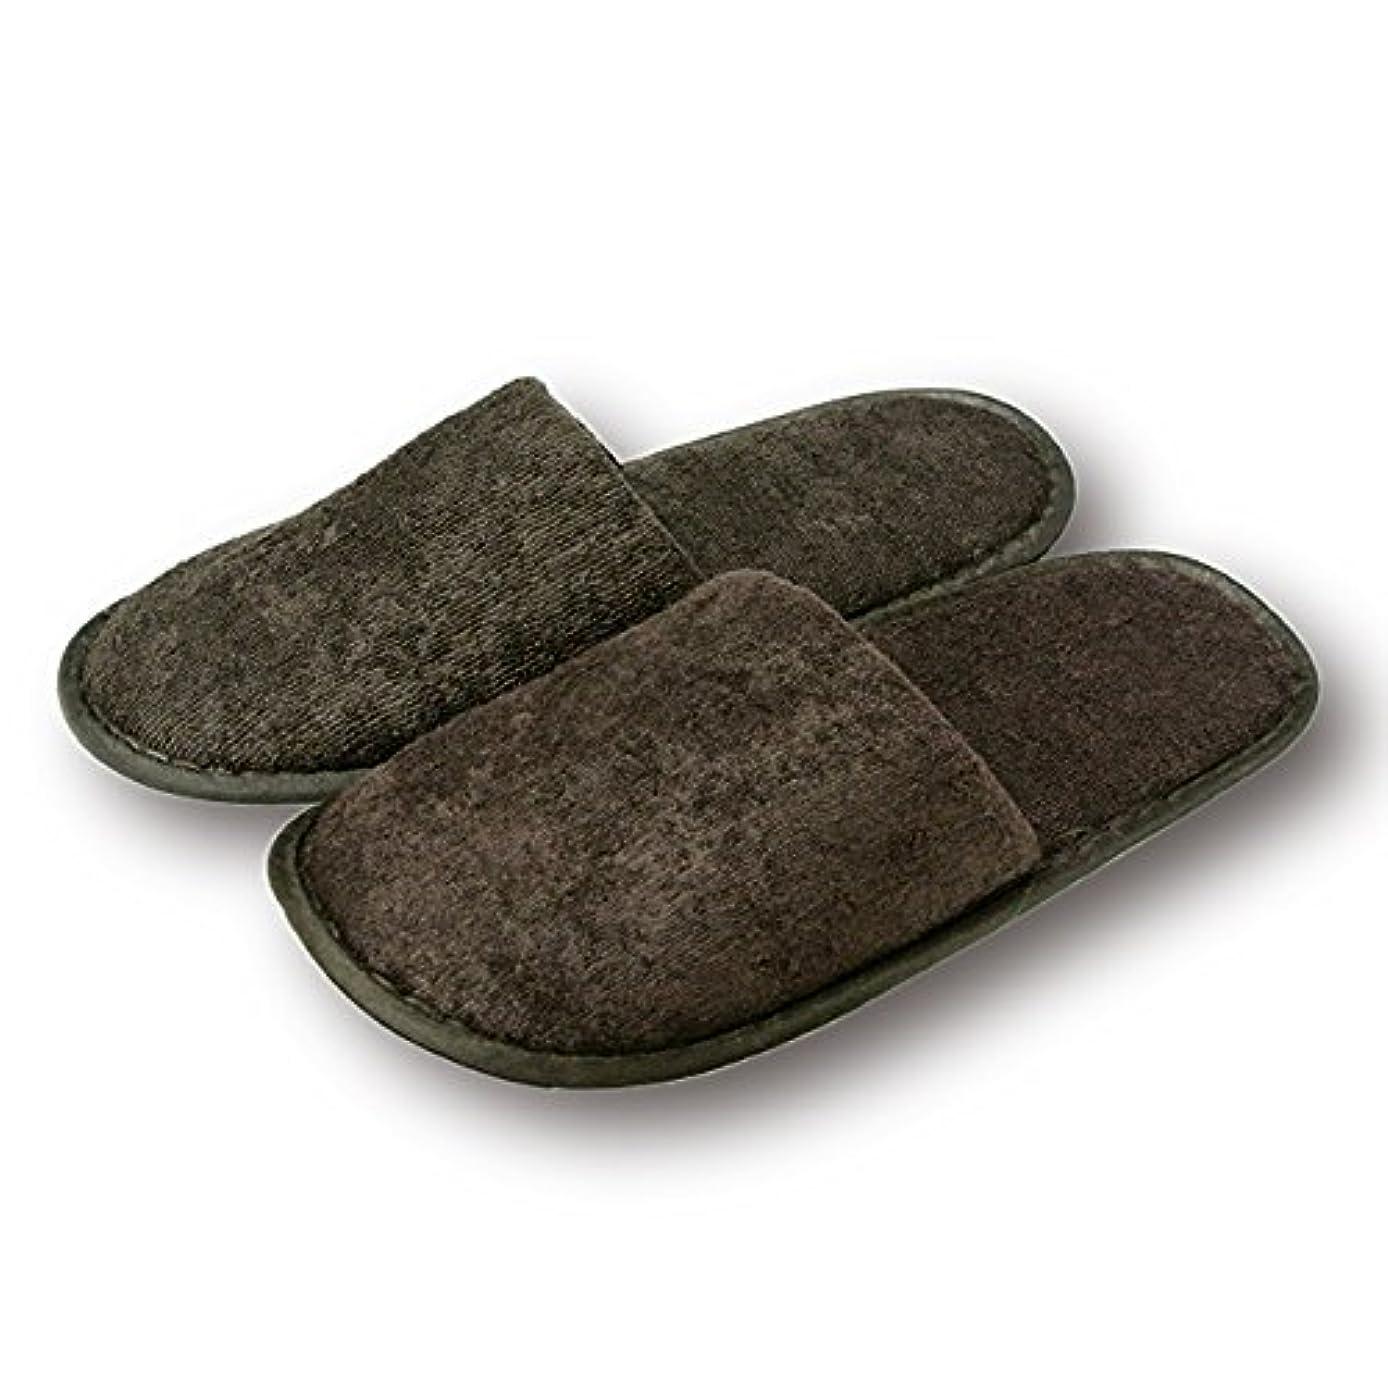 結晶複製磁器使い捨て高級ソフトスリッパ 茶 巾着入り 10足